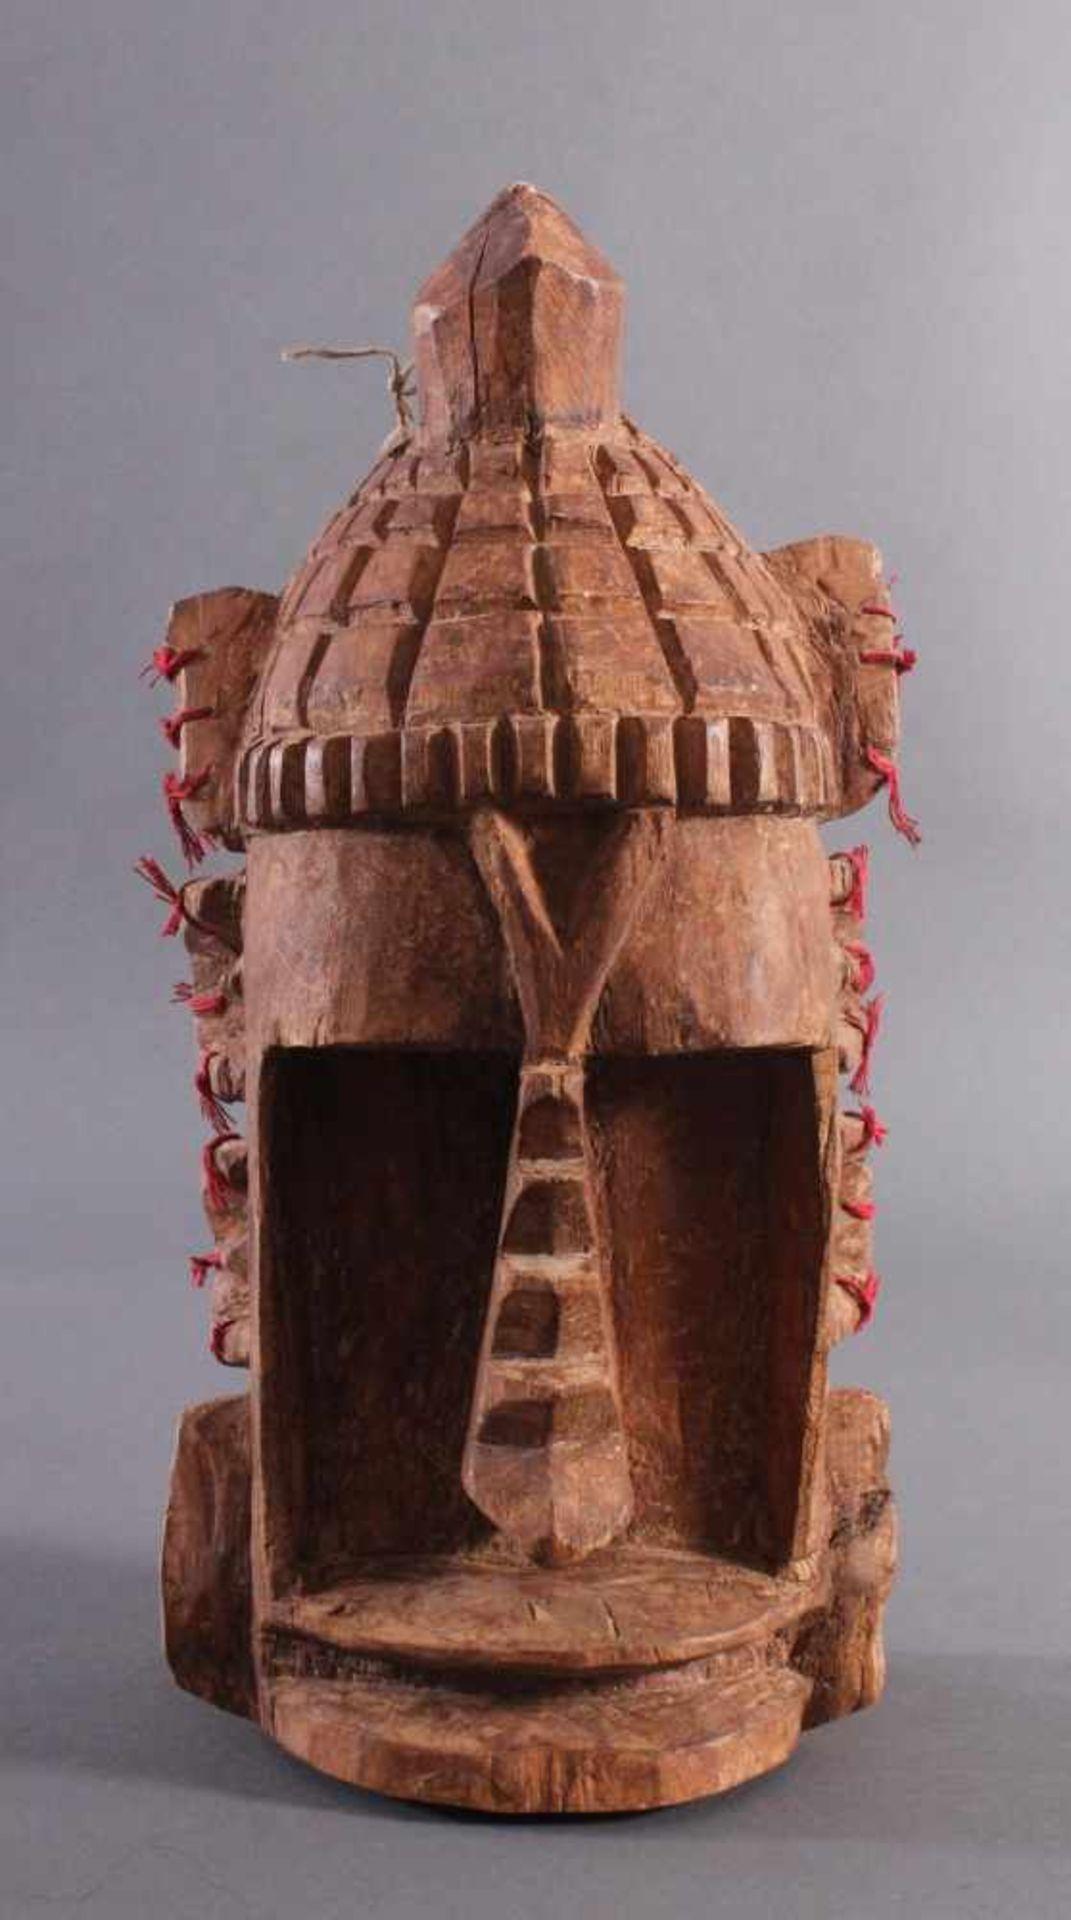 Antike Wandmaske, Mambila Kamerun 1. Hälfte 20. Jh.Helles Holz, geschnitzt, verziert mit roten